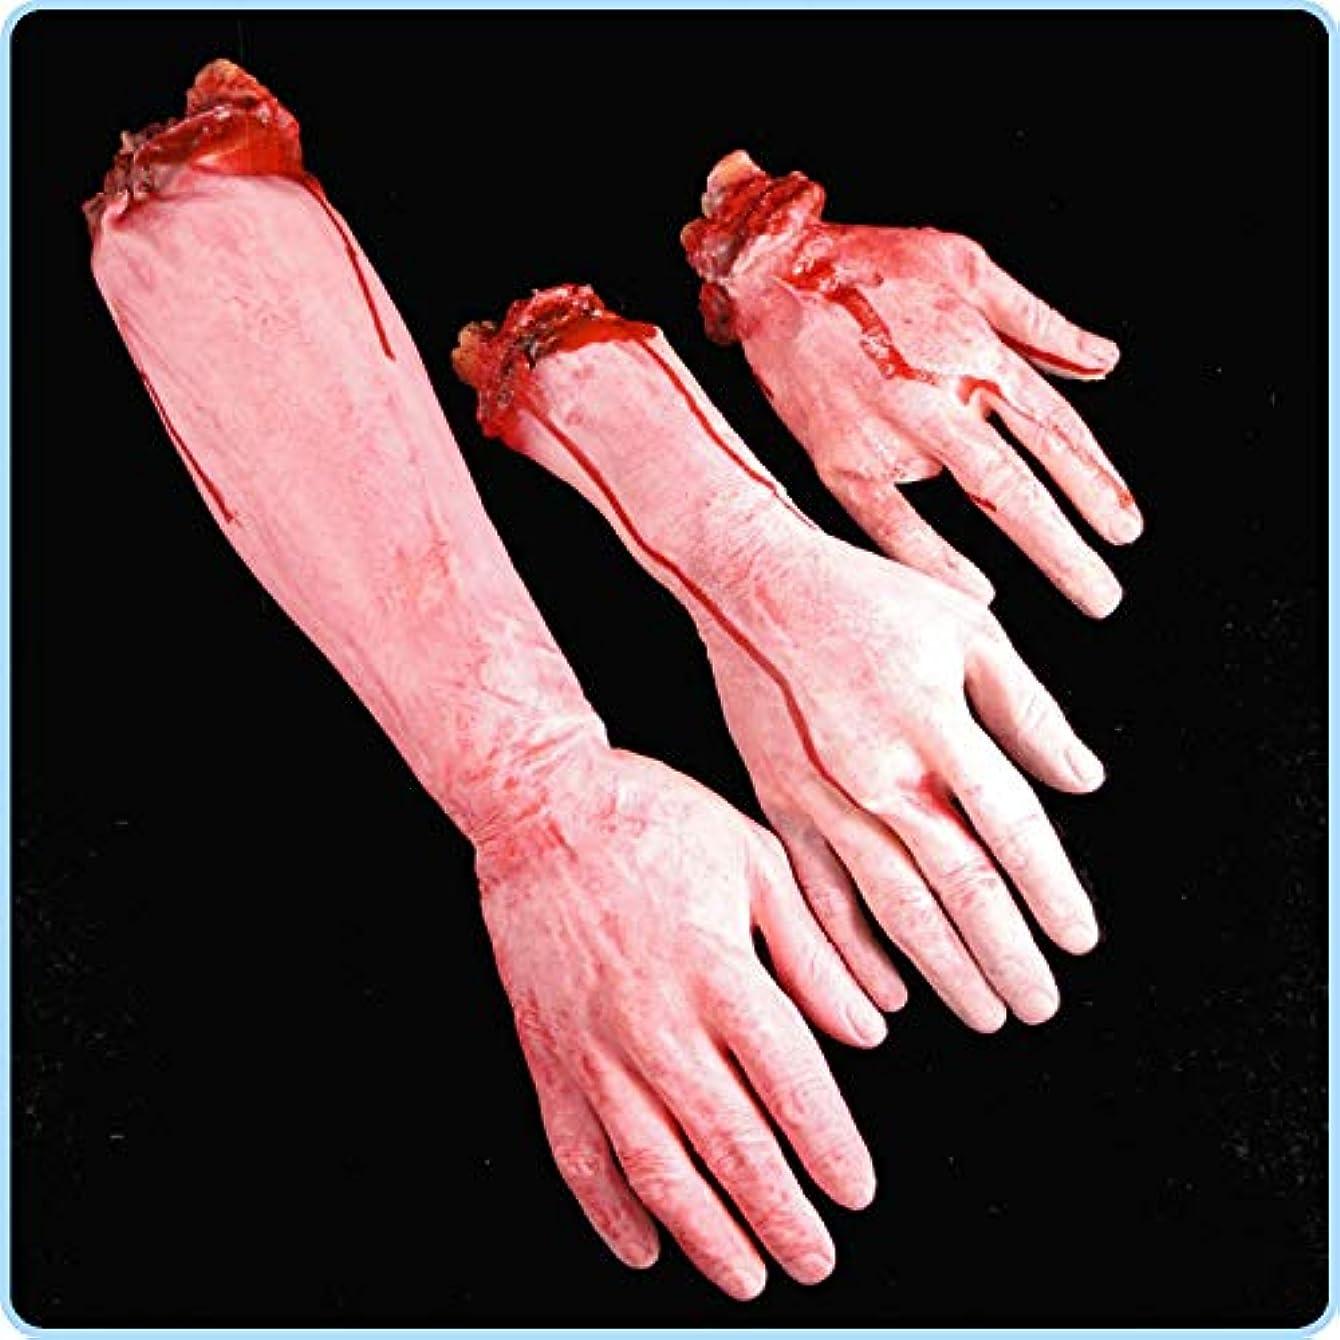 かごアクセント葉巻ETRRUU HOME ハロウィン小道具バーKTV装飾用品リアルなホラー偽の血のホラー大きな壊れた手壊れた足 (Size : S)